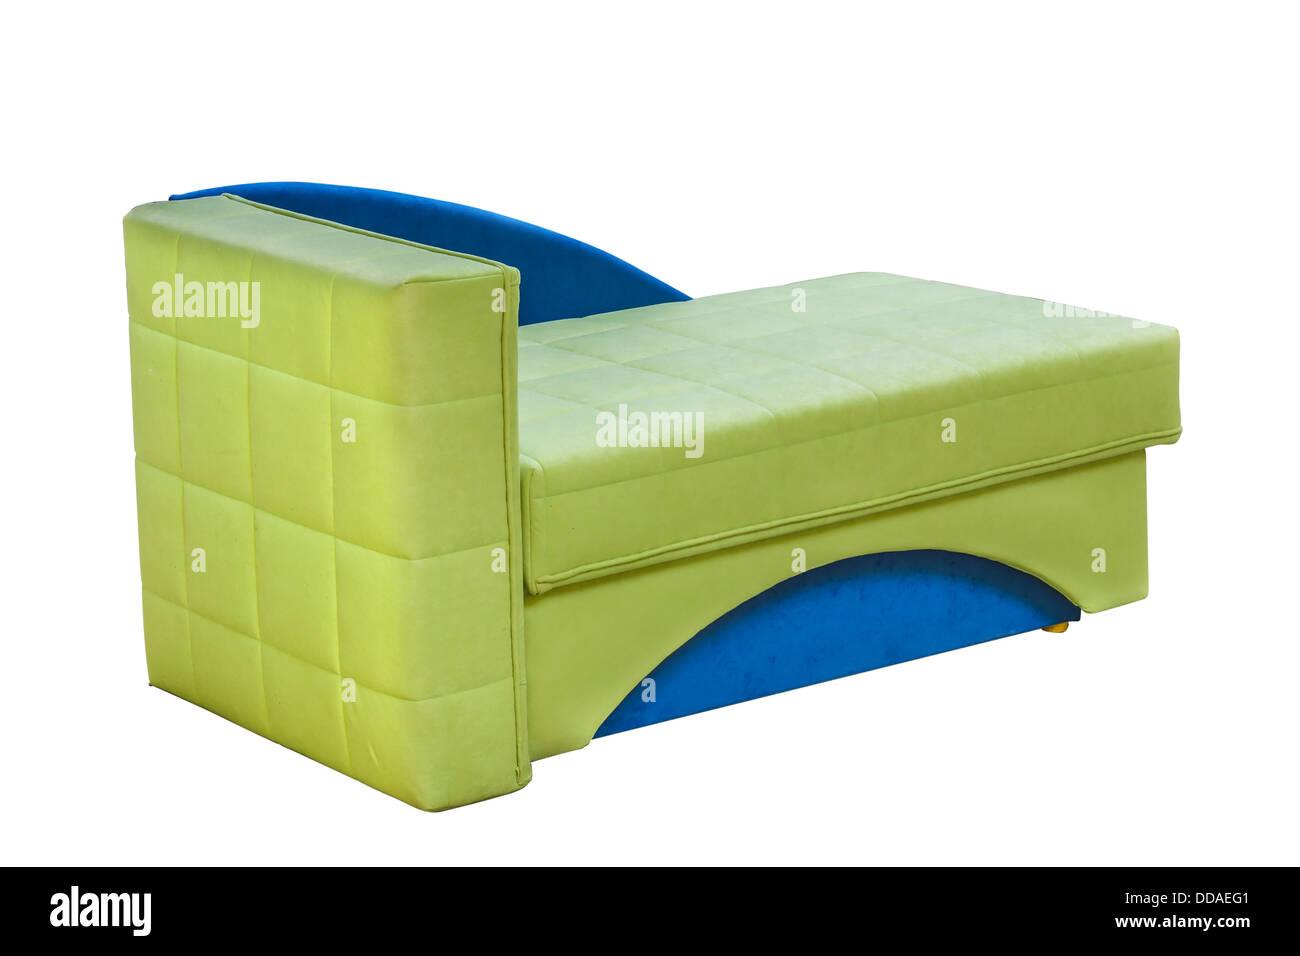 Organizan la cama sobre fondo blanco. Colorido sofá. Imagen De Stock